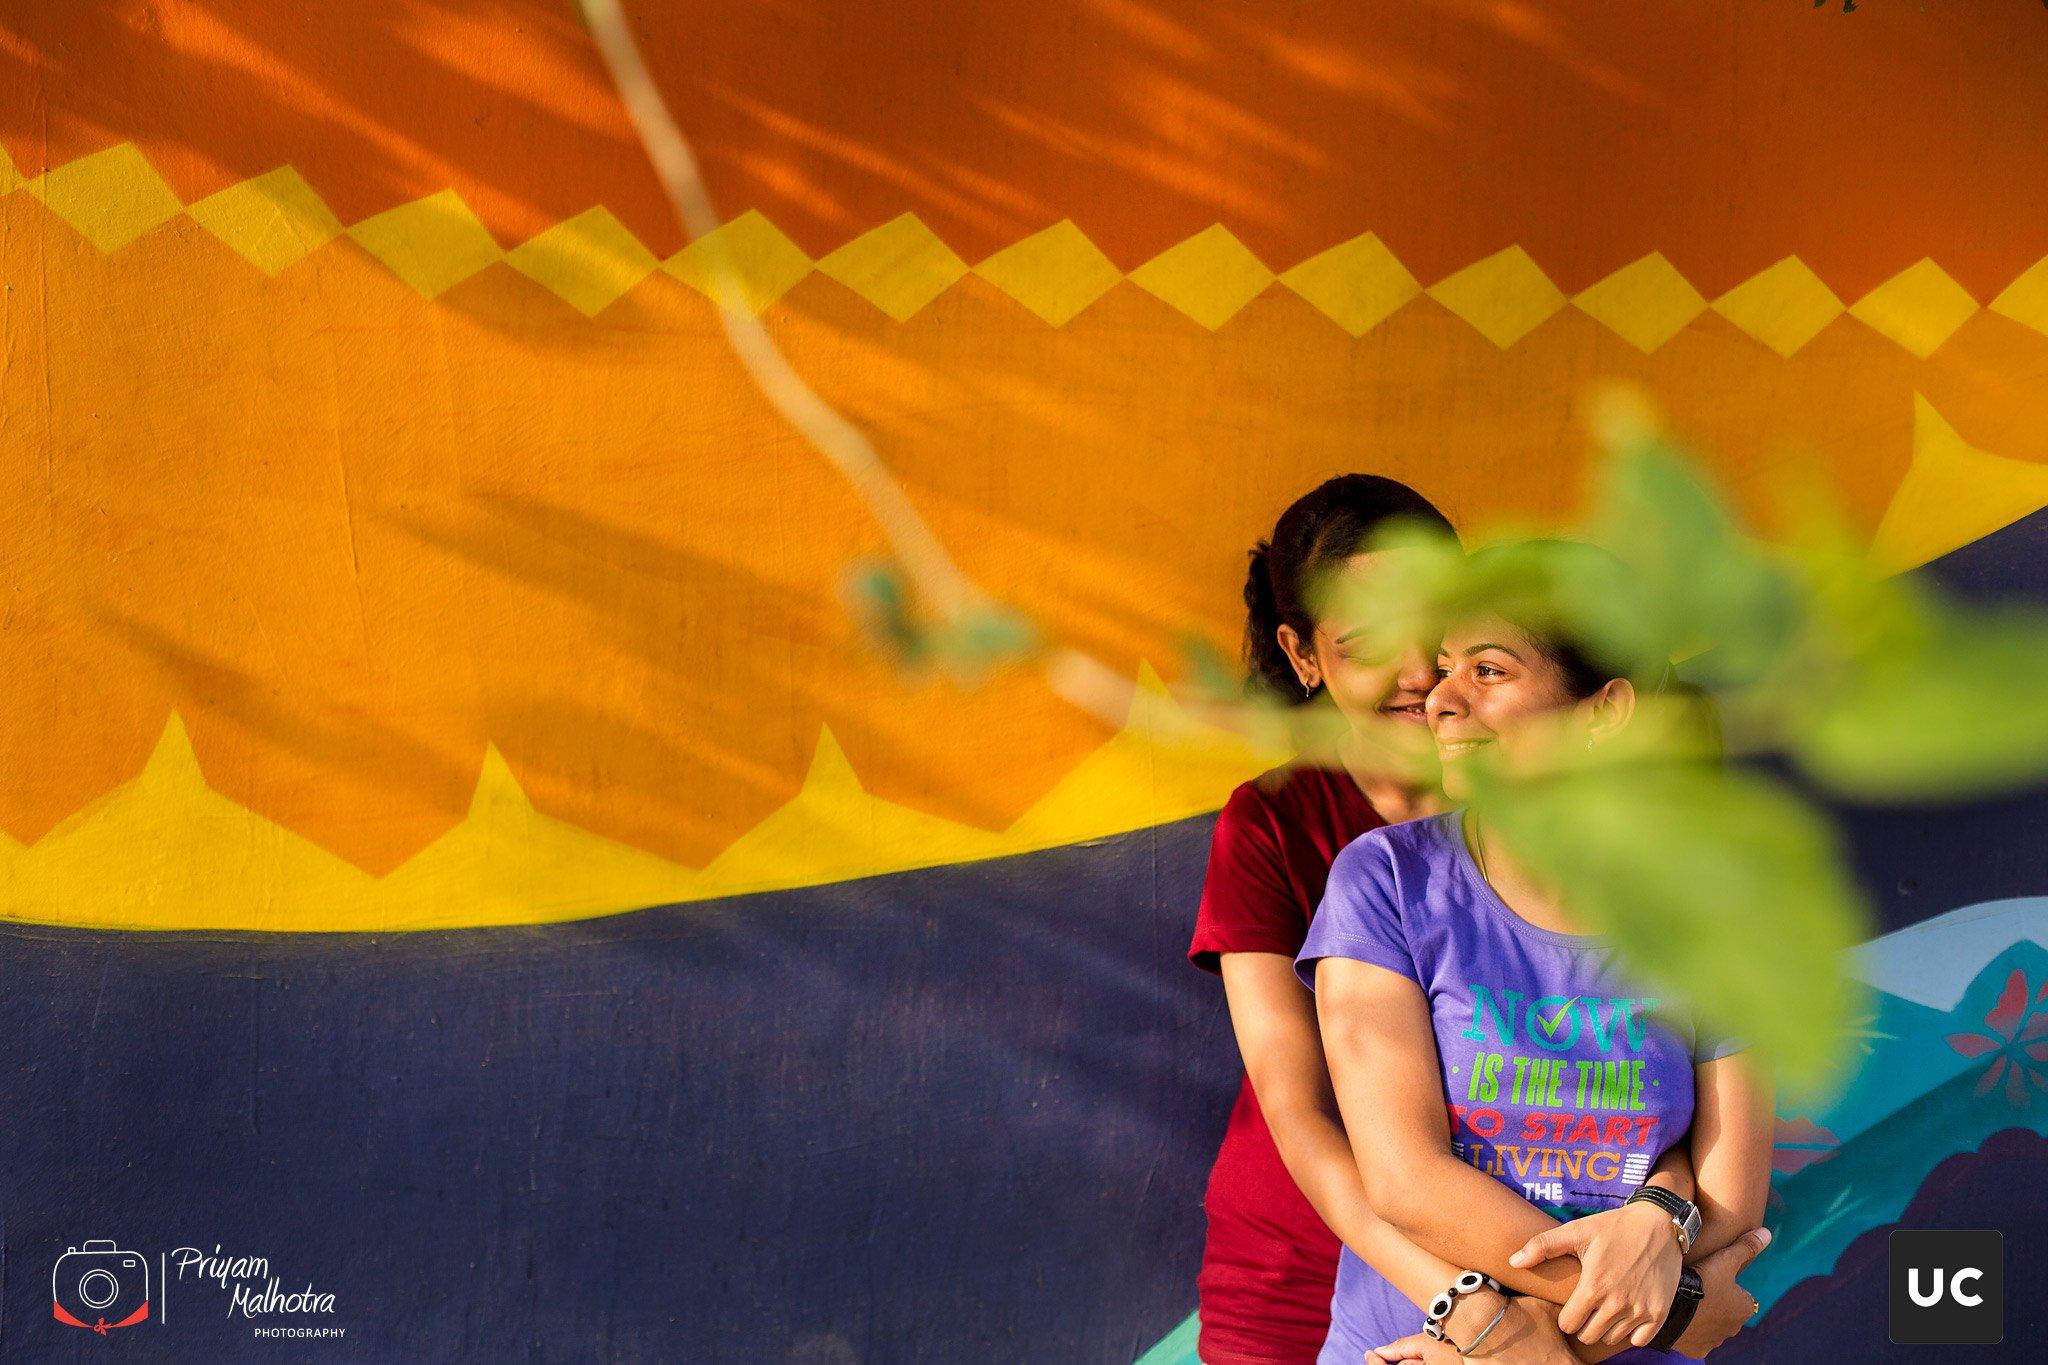 Inde : Une startup apporte son soutien à la communauté LGBT